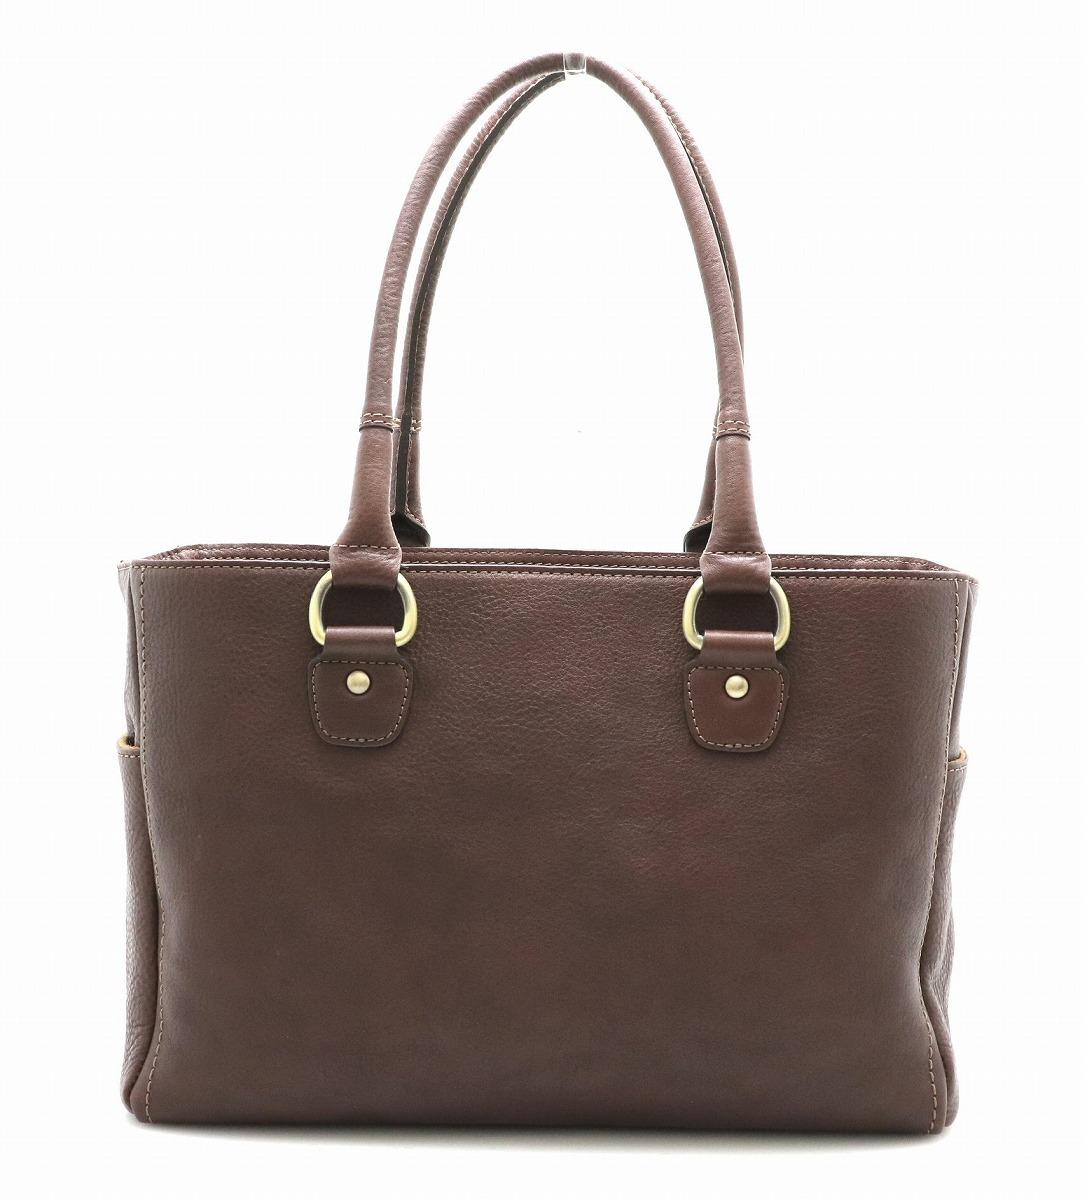 【バッグ】Tsuchiya bag ツチヤ カバン 土屋鞄製造所 ハンドバッグ 茶 ブラウン ゴールド金具 【中古】【k】